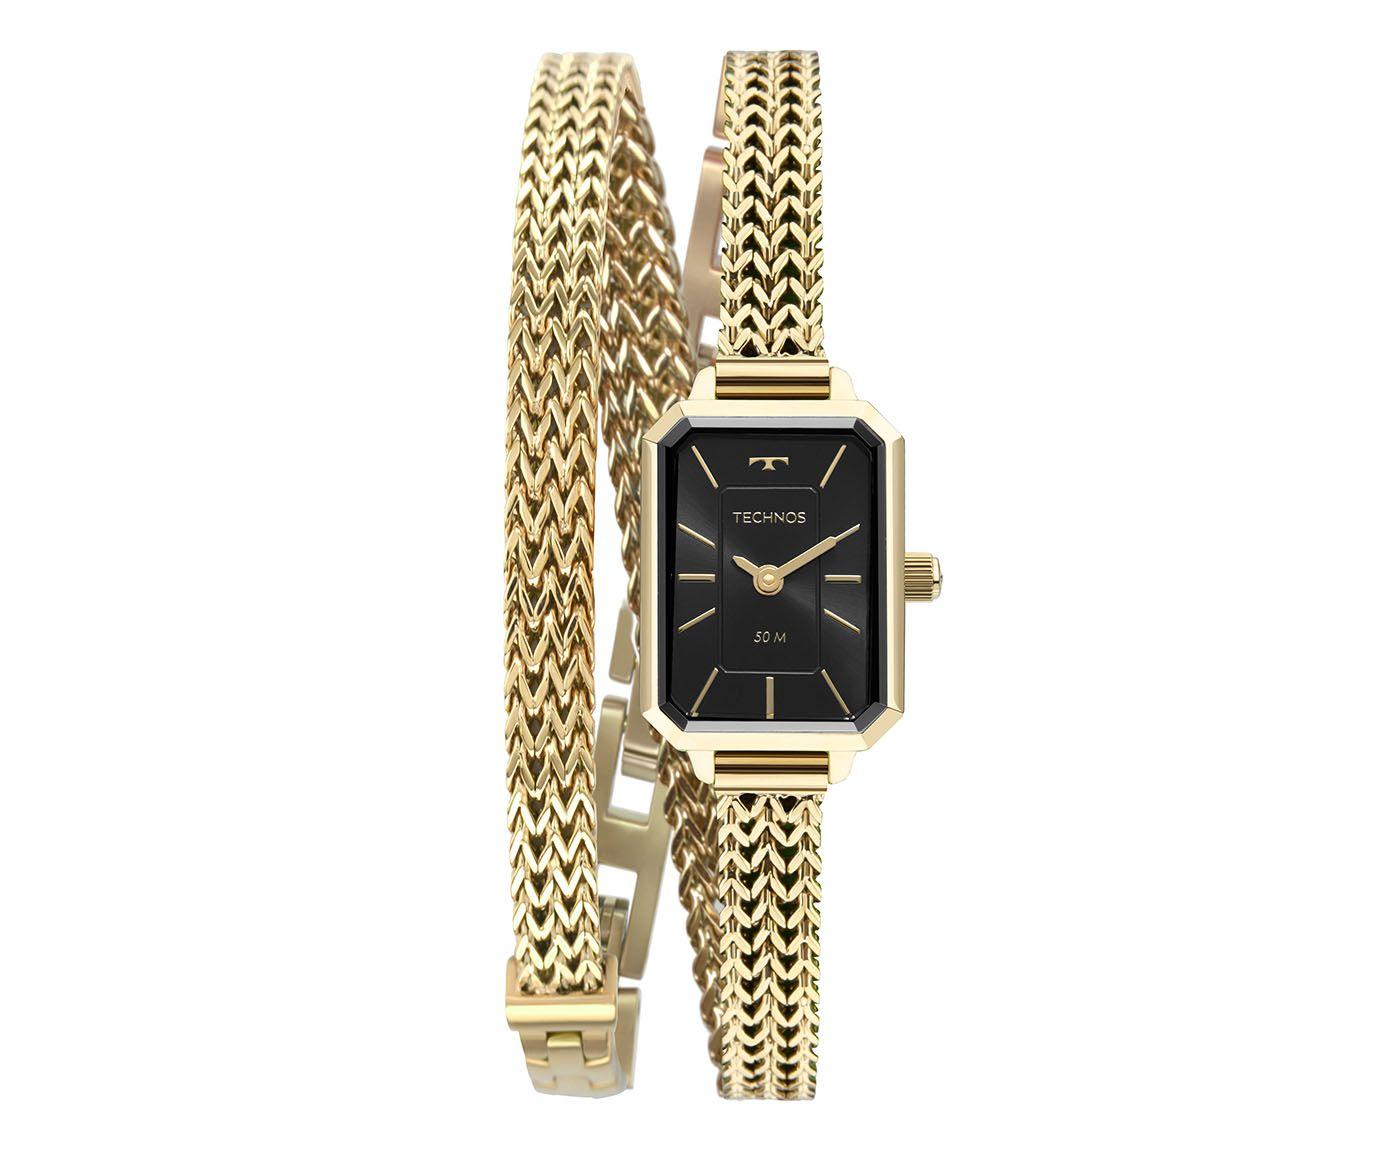 Relógio Analógico Technos Quadrado Dourado e Preto | Westwing.com.br